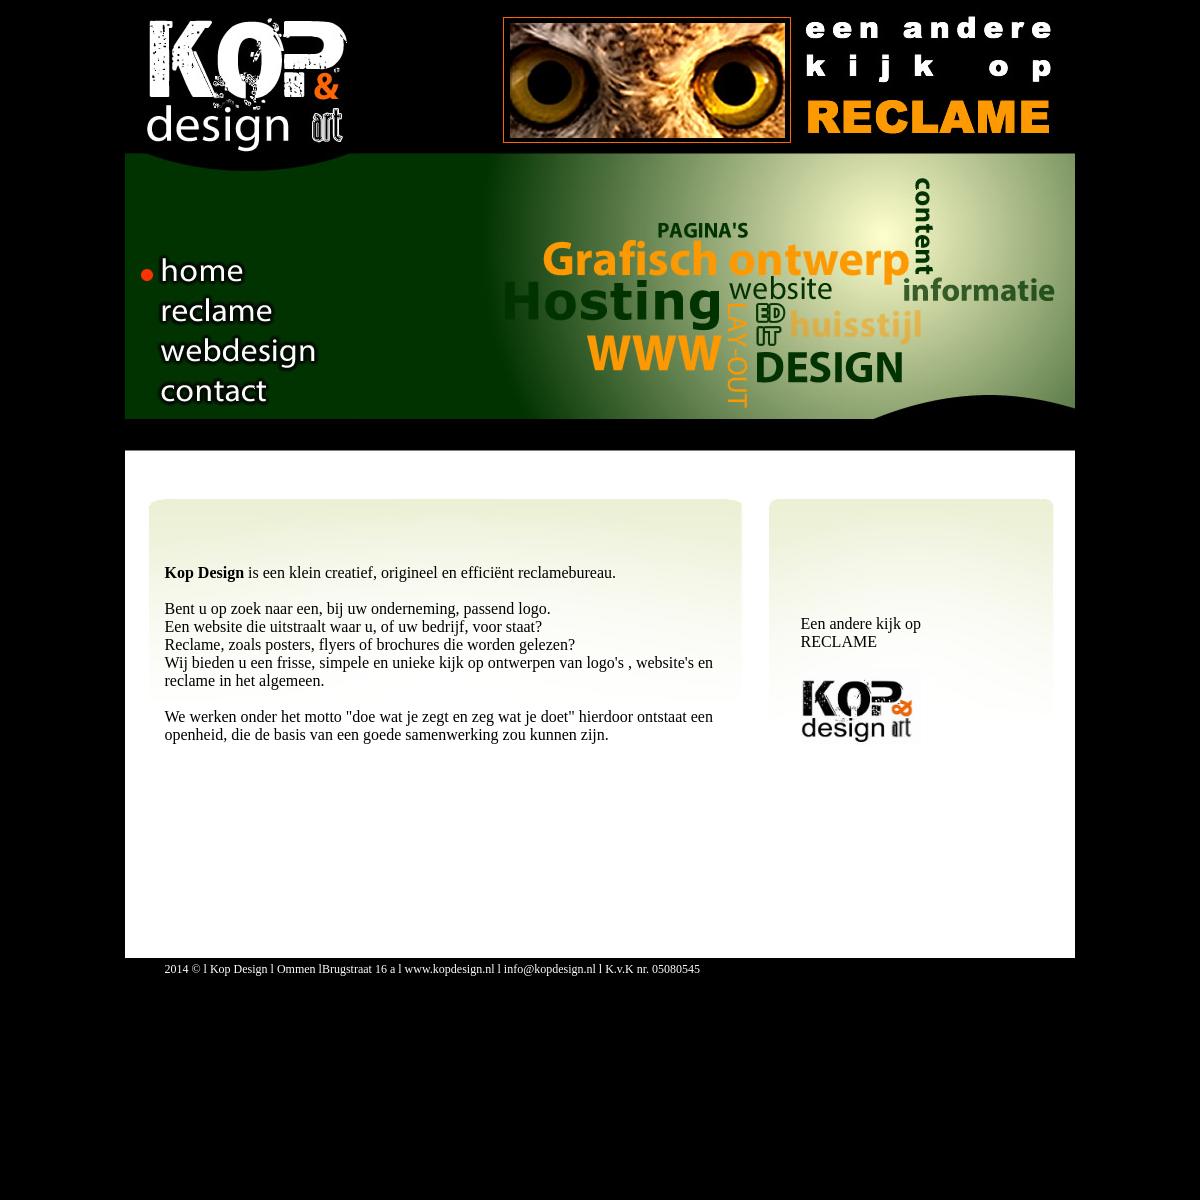 webdesign, hosting, ontwerpen en reclame bij KOP-design Ommen, voor totale reclame